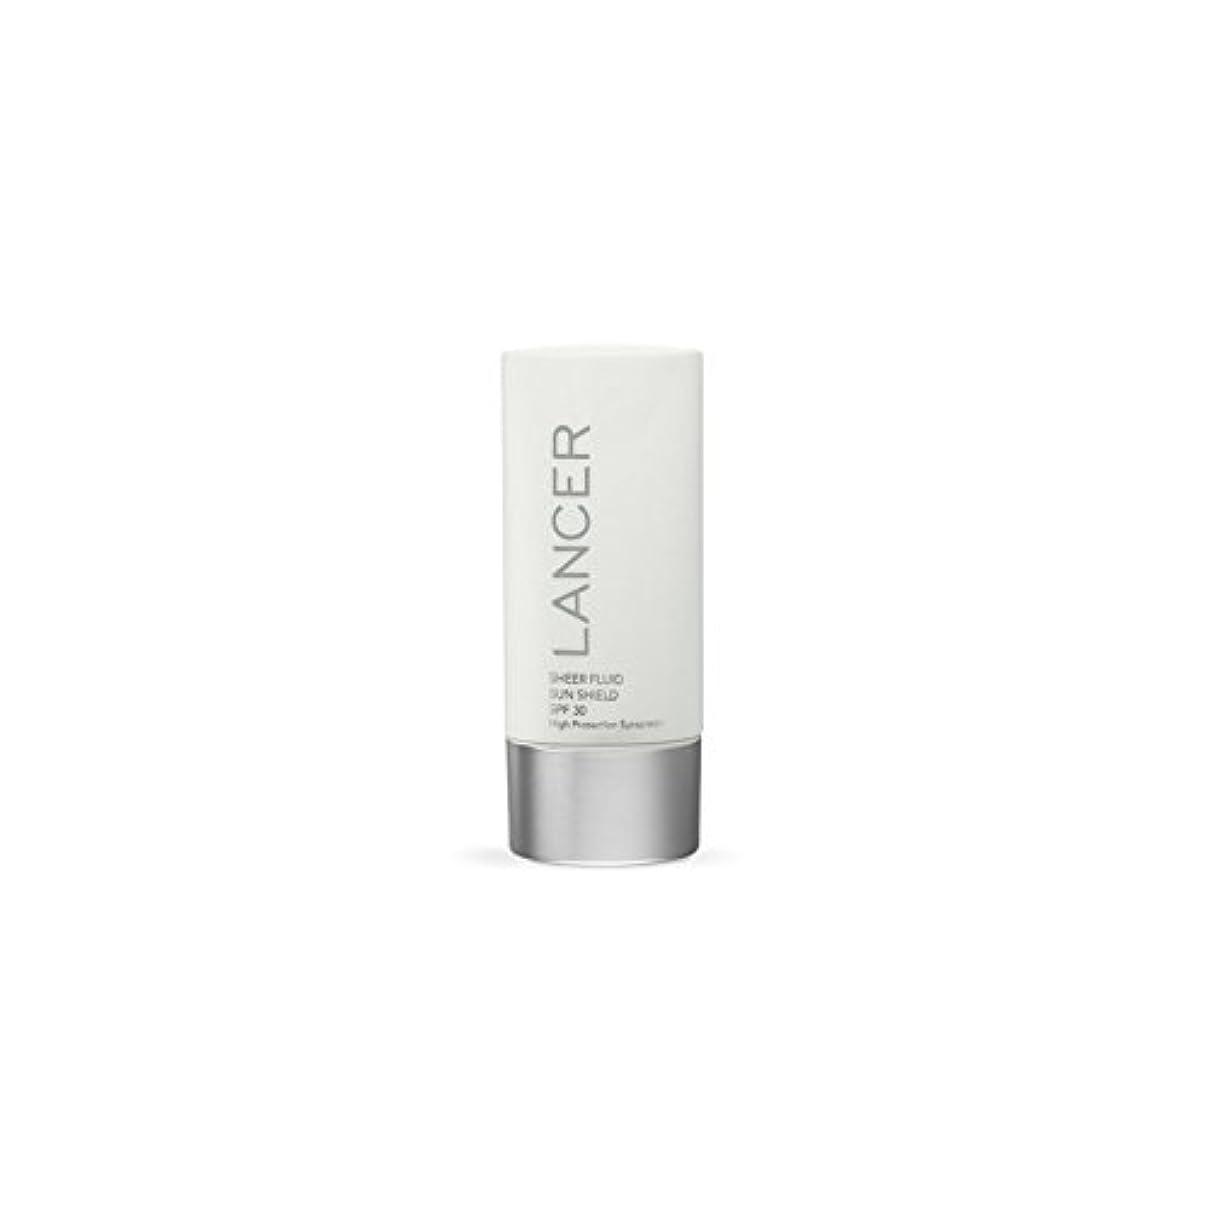 長さアスペクトオーストラリア人Lancer Skincare Sheer Fluid Sun Shield Spf 30 (60ml) (Pack of 6) - ランサースキンケア切り立った流体サンシールド 30(60ミリリットル) x6 [並行輸入品]